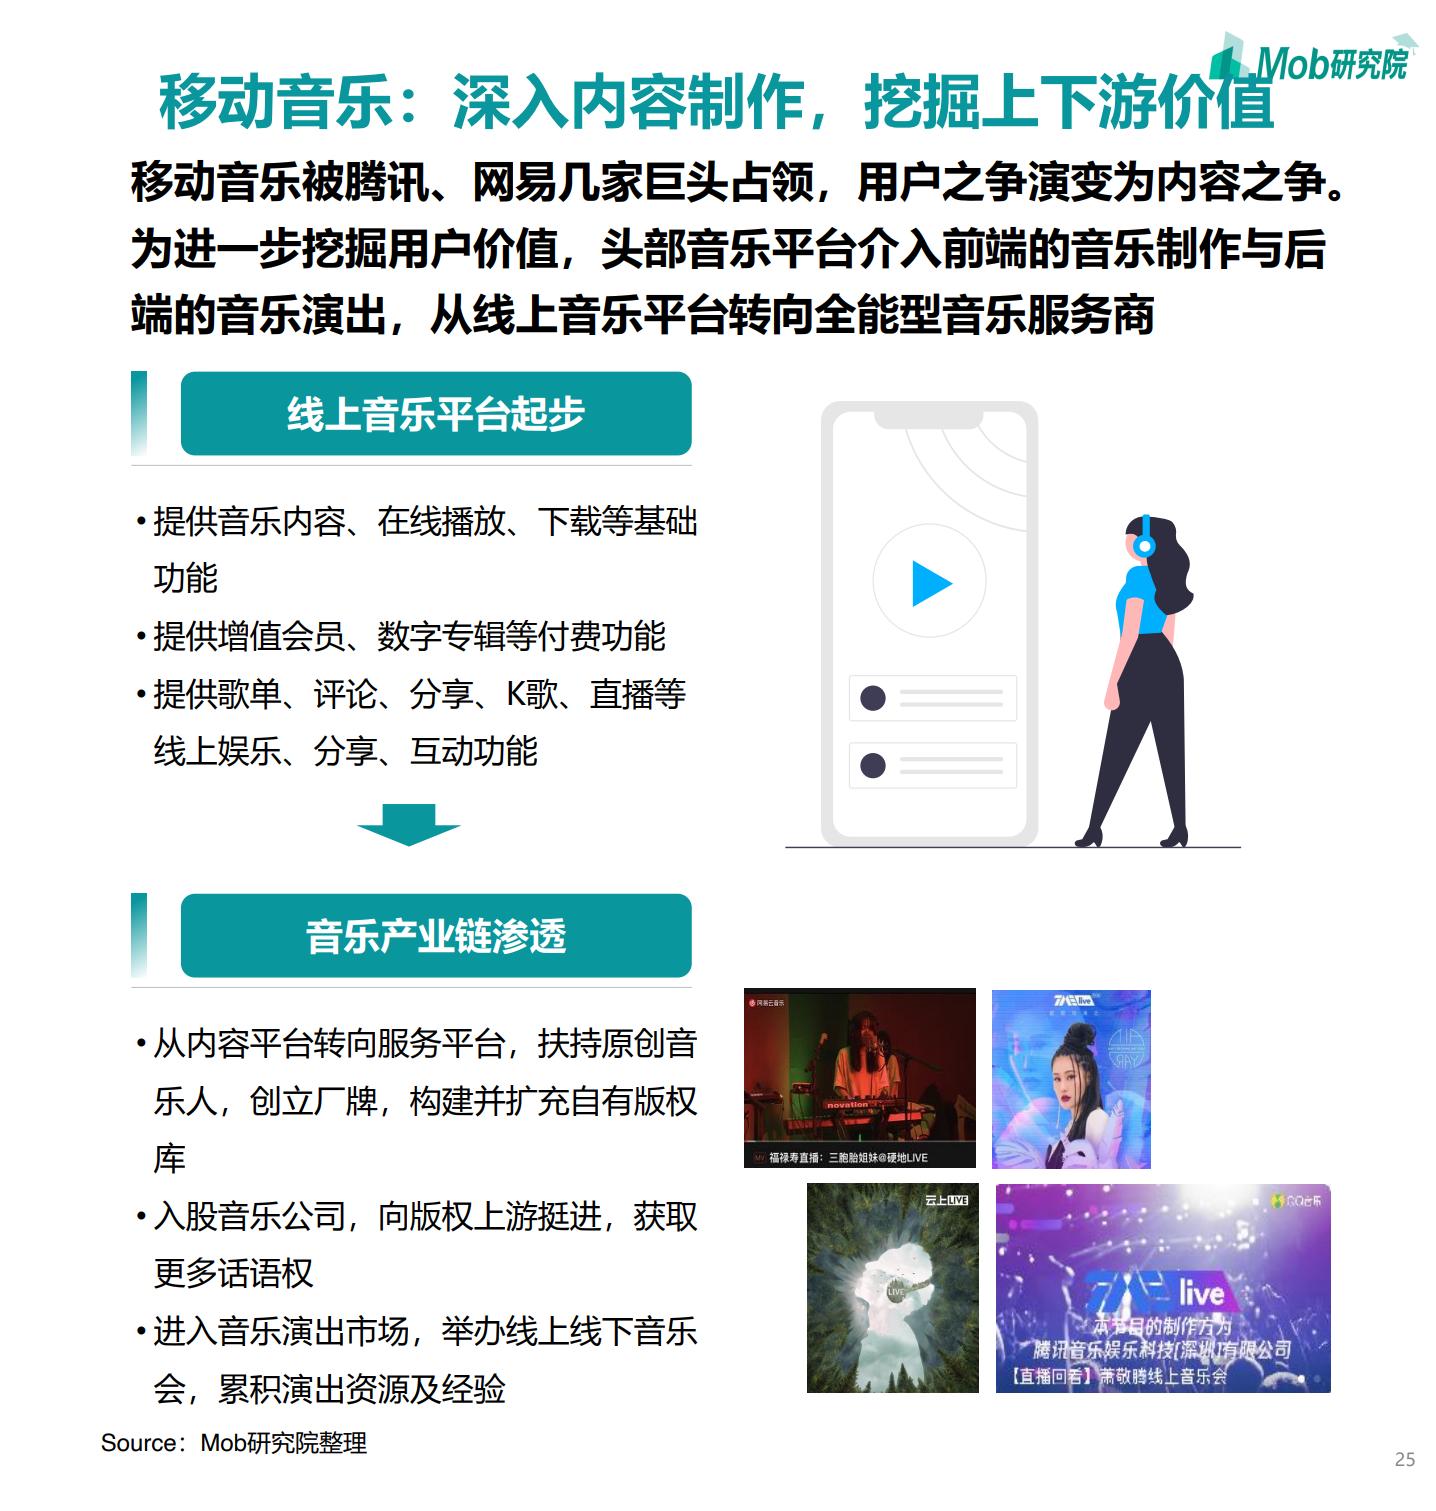 2021年中国移动互联网半年度大报告插图24